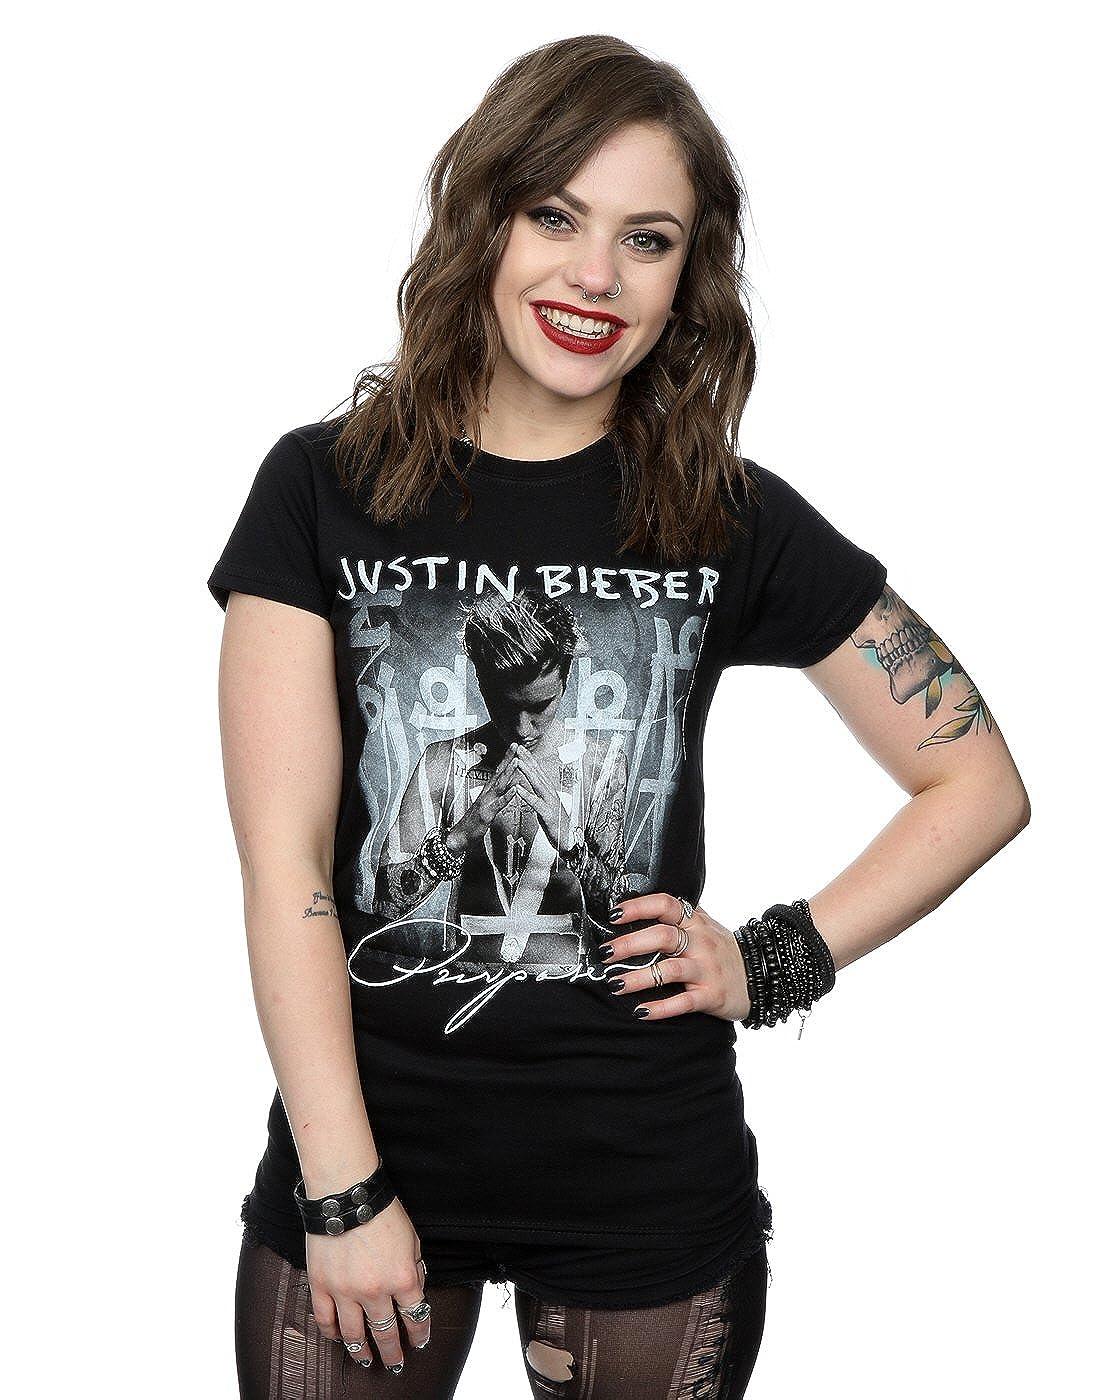 Justin Bieber mujer Purpose Album Cover Camiseta: Amazon.es: Ropa y accesorios